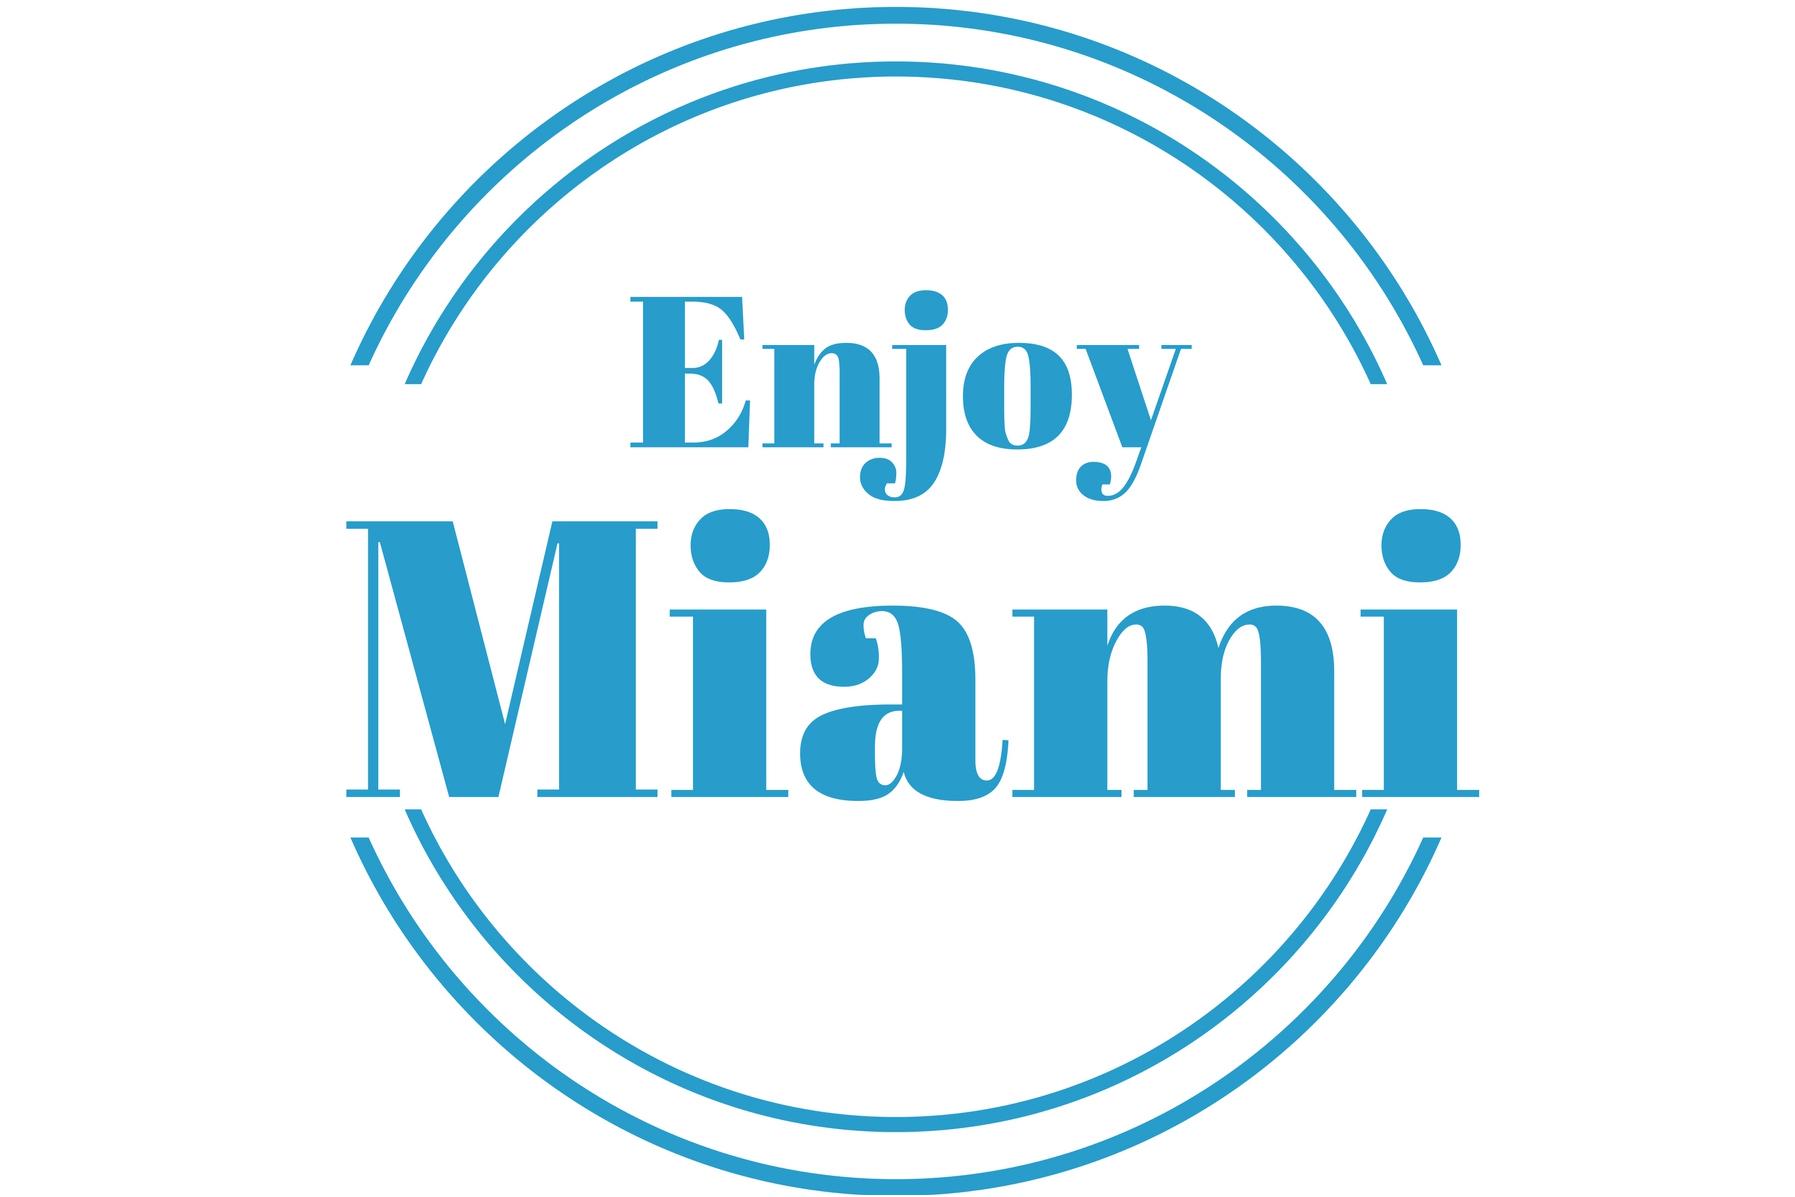 logo-em-alta-enjoy-miami-blog-parceiro